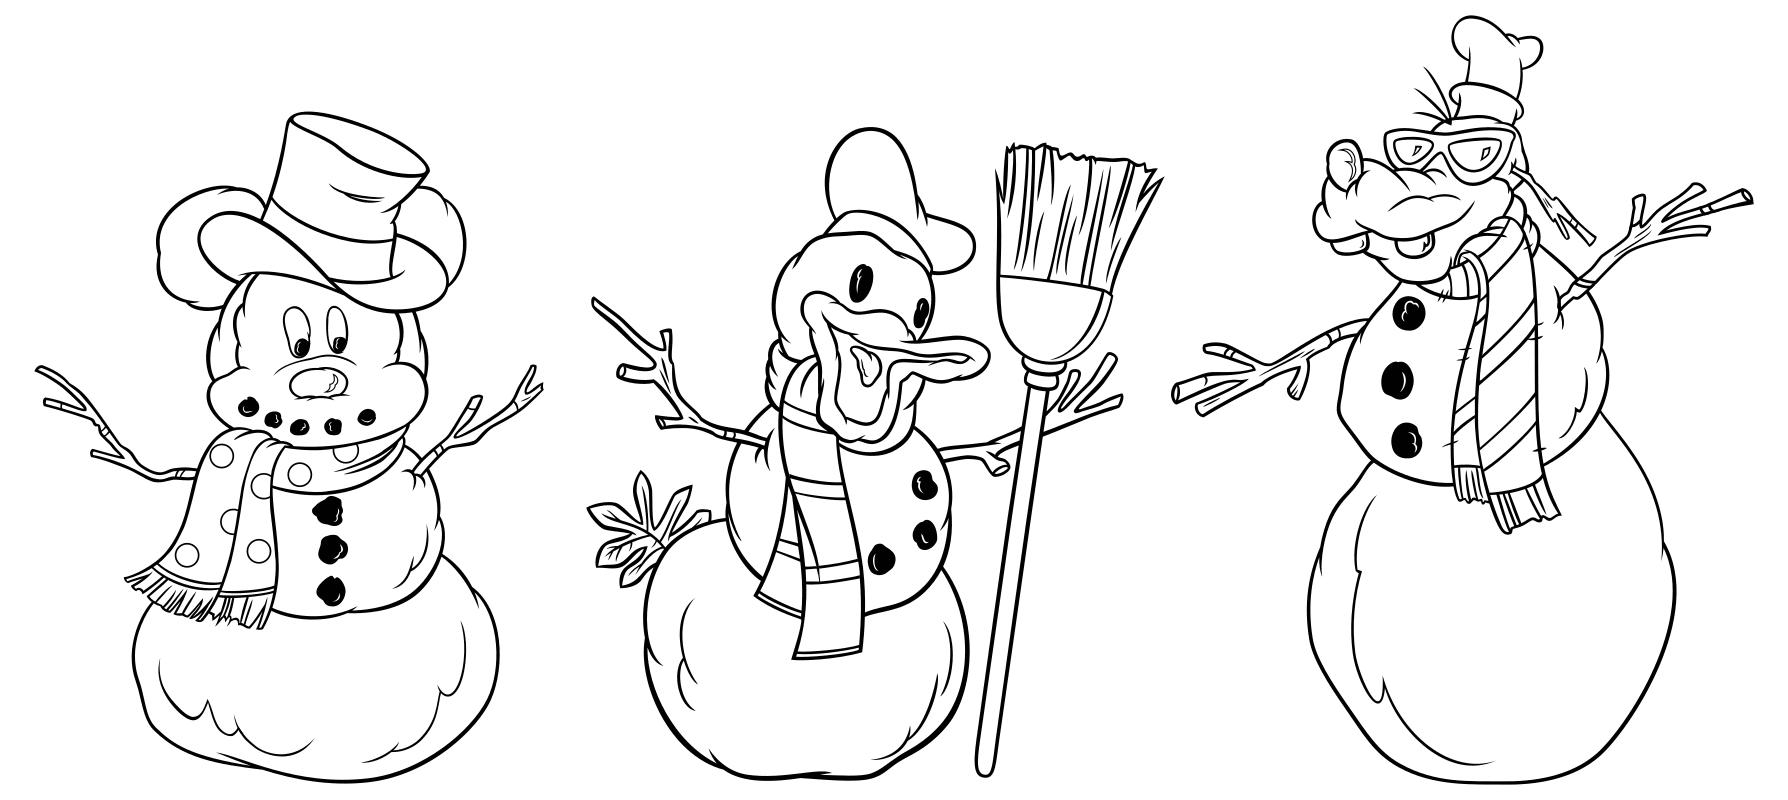 Раскраска - Микки Маус и друзья - Снеговики - Микки, Дональд и Плуто